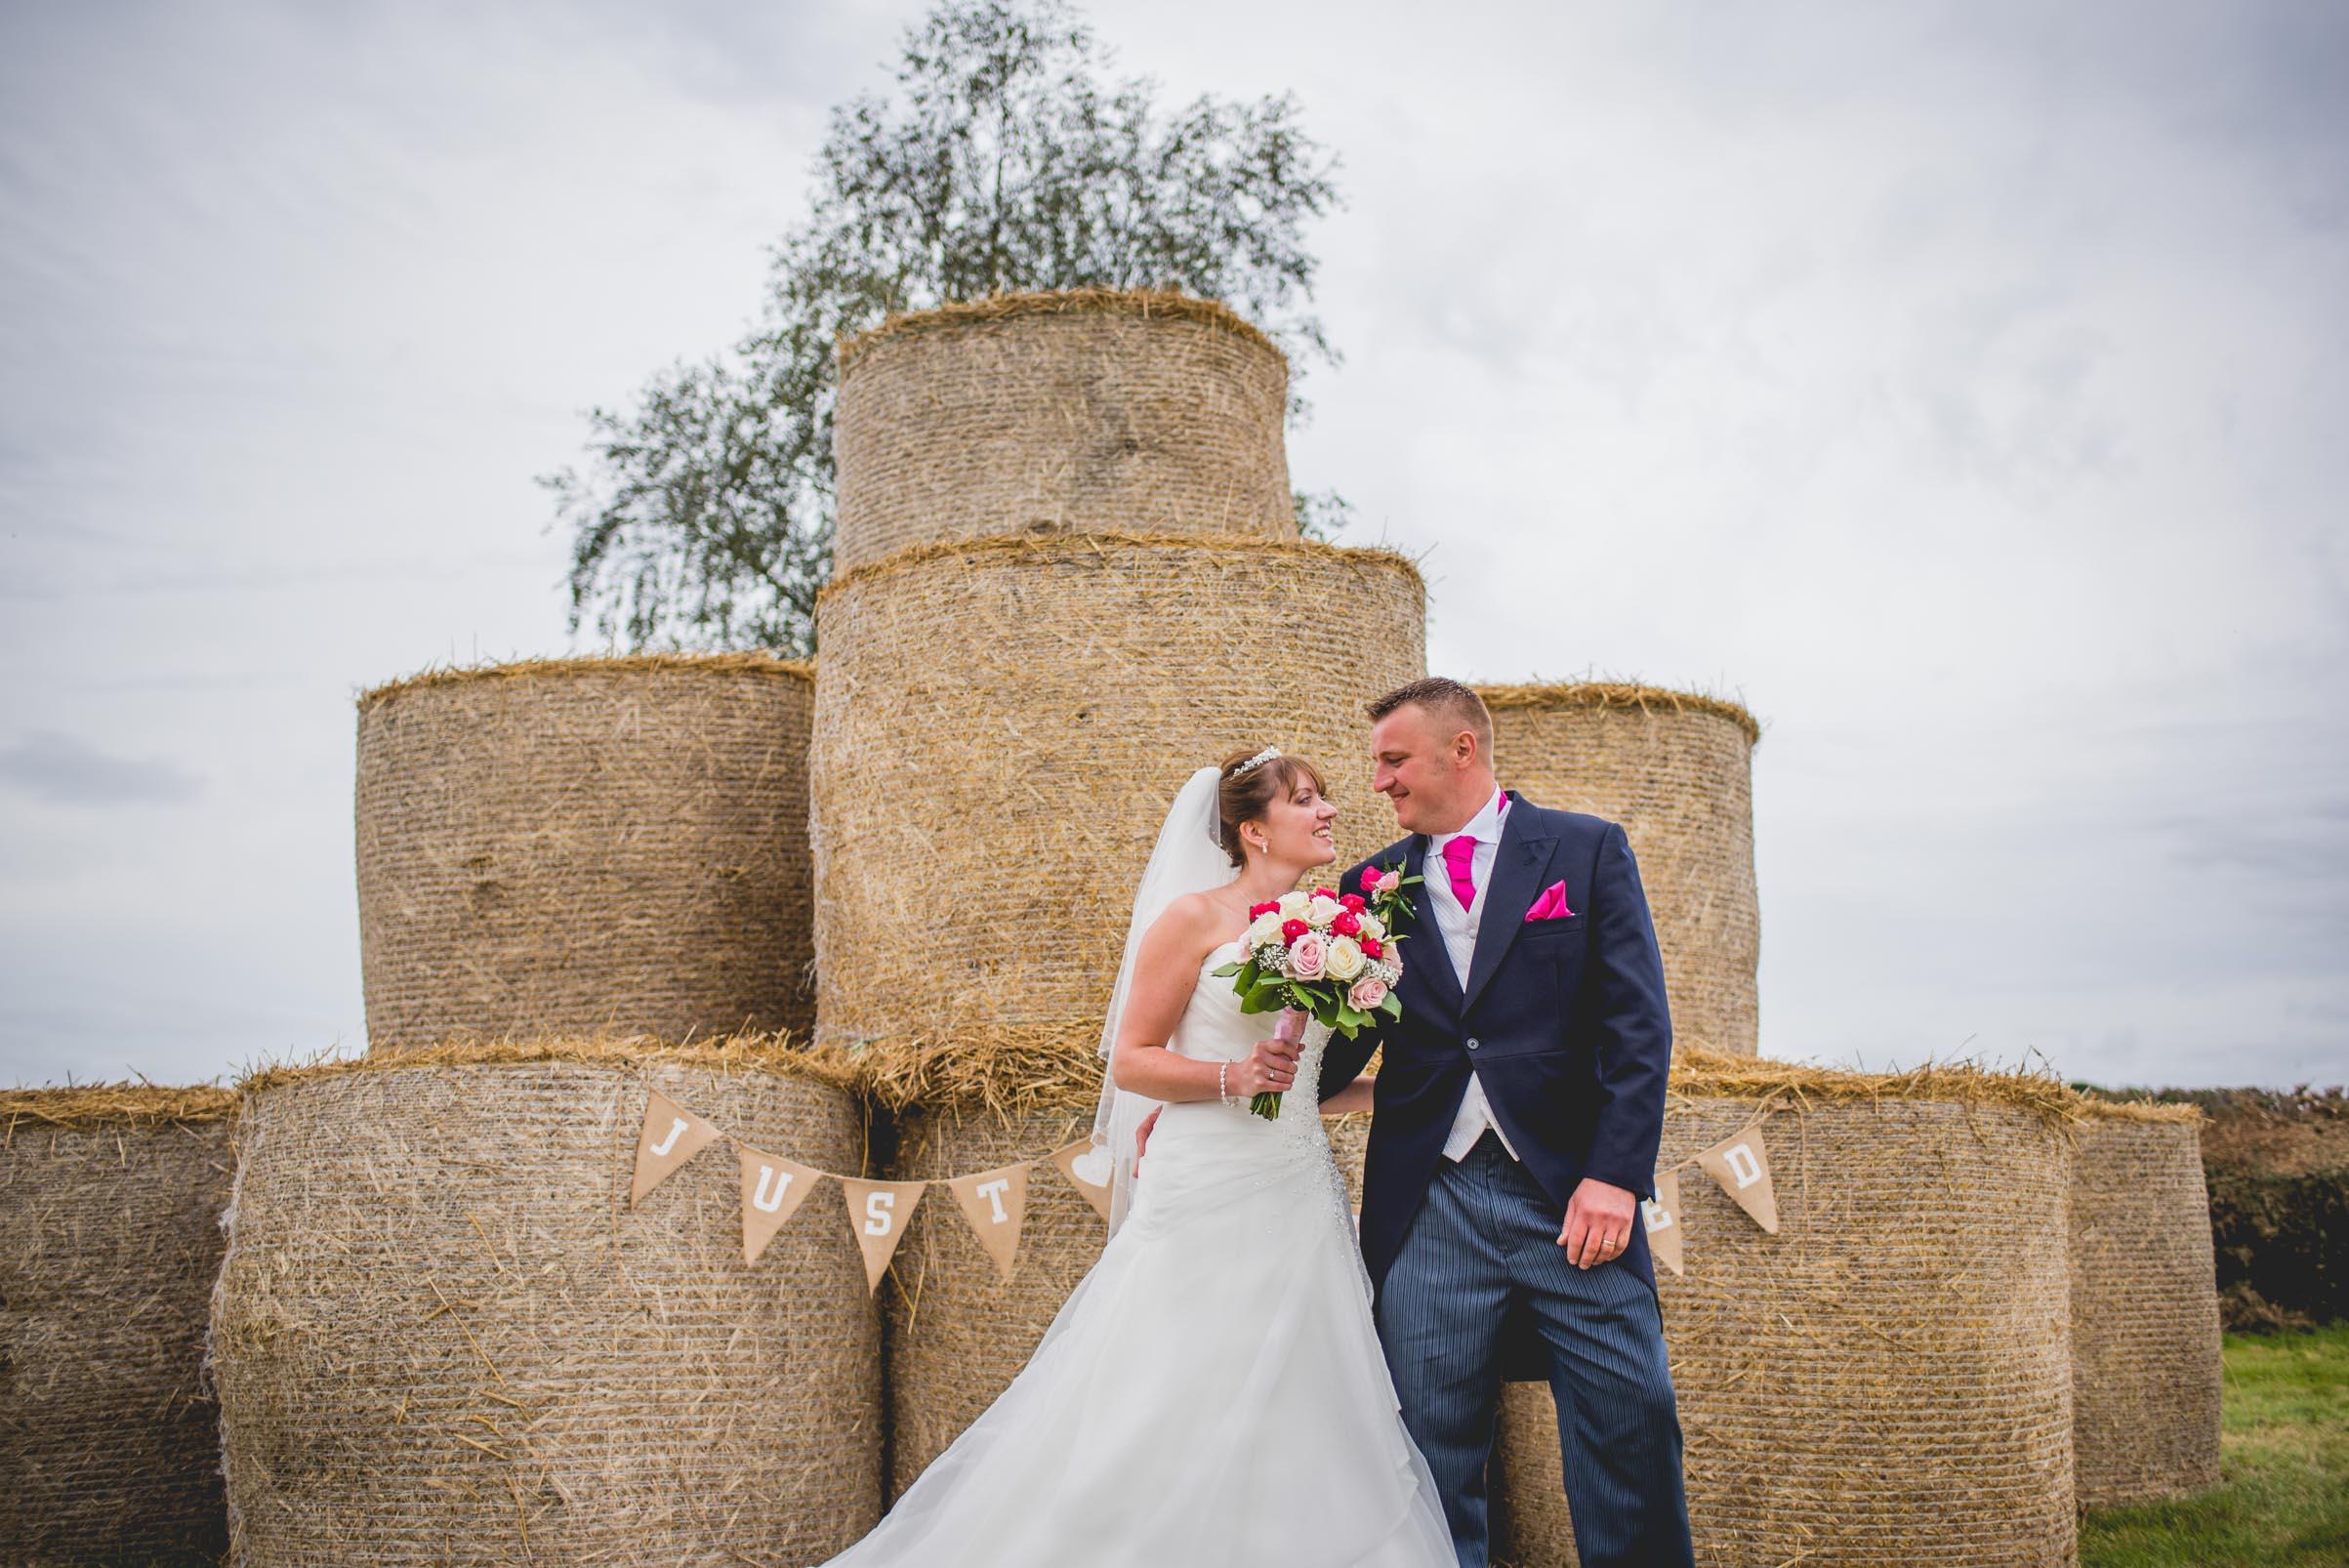 Farm-wedding-staffordshire-st-marys-catholic-church-uttoxter-62.jpg